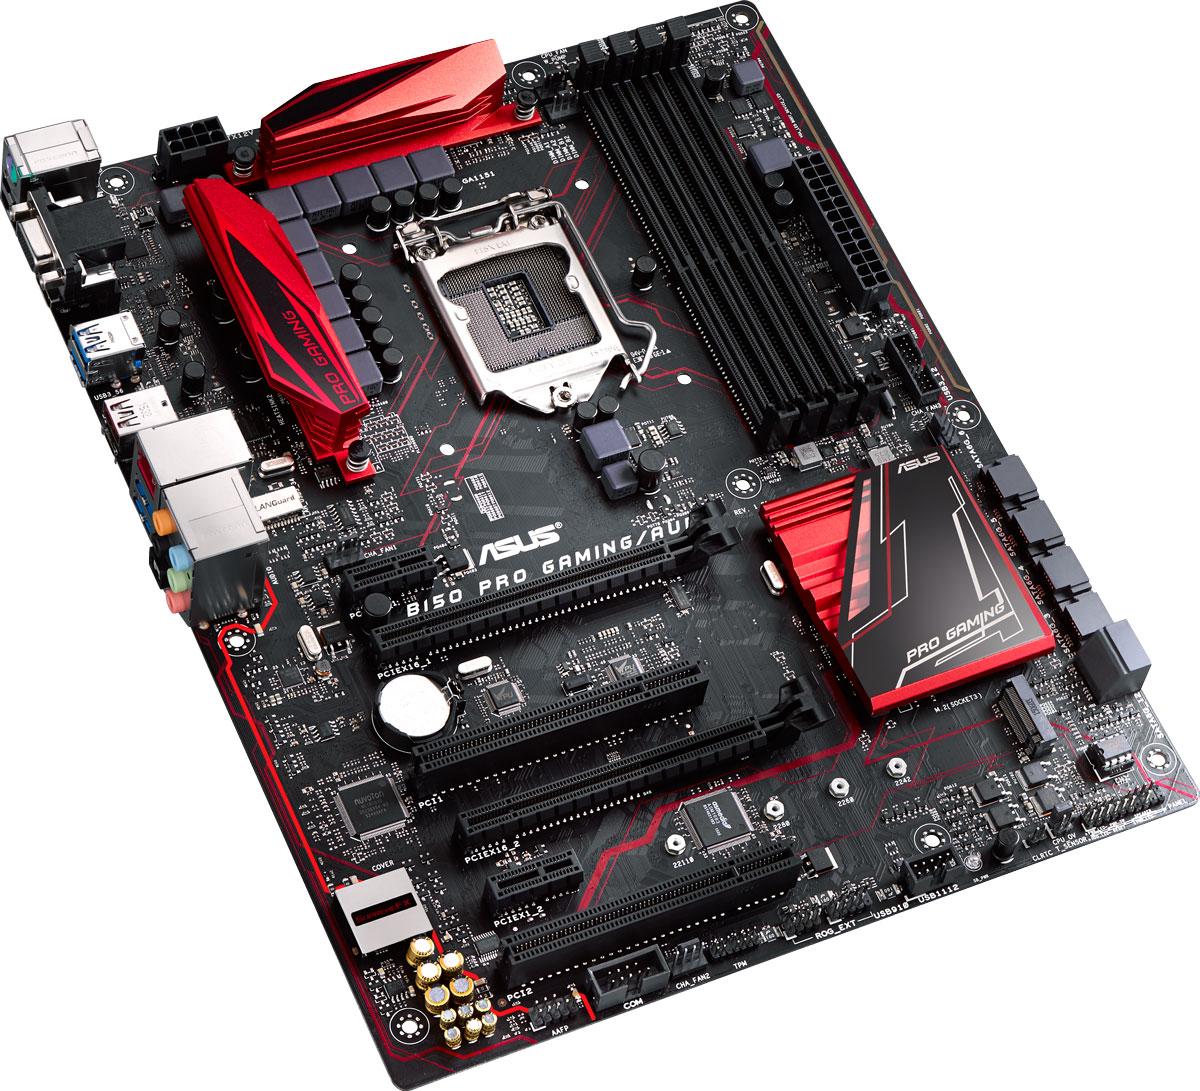 Asus B150 Pro Gaming/Aura материнская платаB150 PRO GAMING/AURAМатеринская плата Asus B150 Pro Gaming/Aura создана для игр и учитывает высокие требования к игровым платам со стороны профессиональных геймеров. Среди преимуществ плат ASUS – высокая производительность, гарантированная надежность и совместимость с огромным количеством компьютерных компонентов. Каждый экземпляр платы проходит строгие испытания для безотказного функционирования в игровой среде. Инженеры ASUS, сами являющиеся увлеченными геймерами, привлекают к разработке материнских плат лучших в мире компьютерных игроков, чтобы создавать невероятные функции и технологии, которых ждут геймеры. С B150 Pro Gaming/Aura вы сможете испытать фантастические игровые возможности на грани реальности. Intel B150 Express – это новейший чипсет, оптимизированный для работы с процессорами Intel серий Core i7, Core i5, Core i3, Pentium и Celeron, устанавливаемыми в разъем LGA1151. Он отличается высокой стабильностью, производительностью и пропускной способностью. B150...